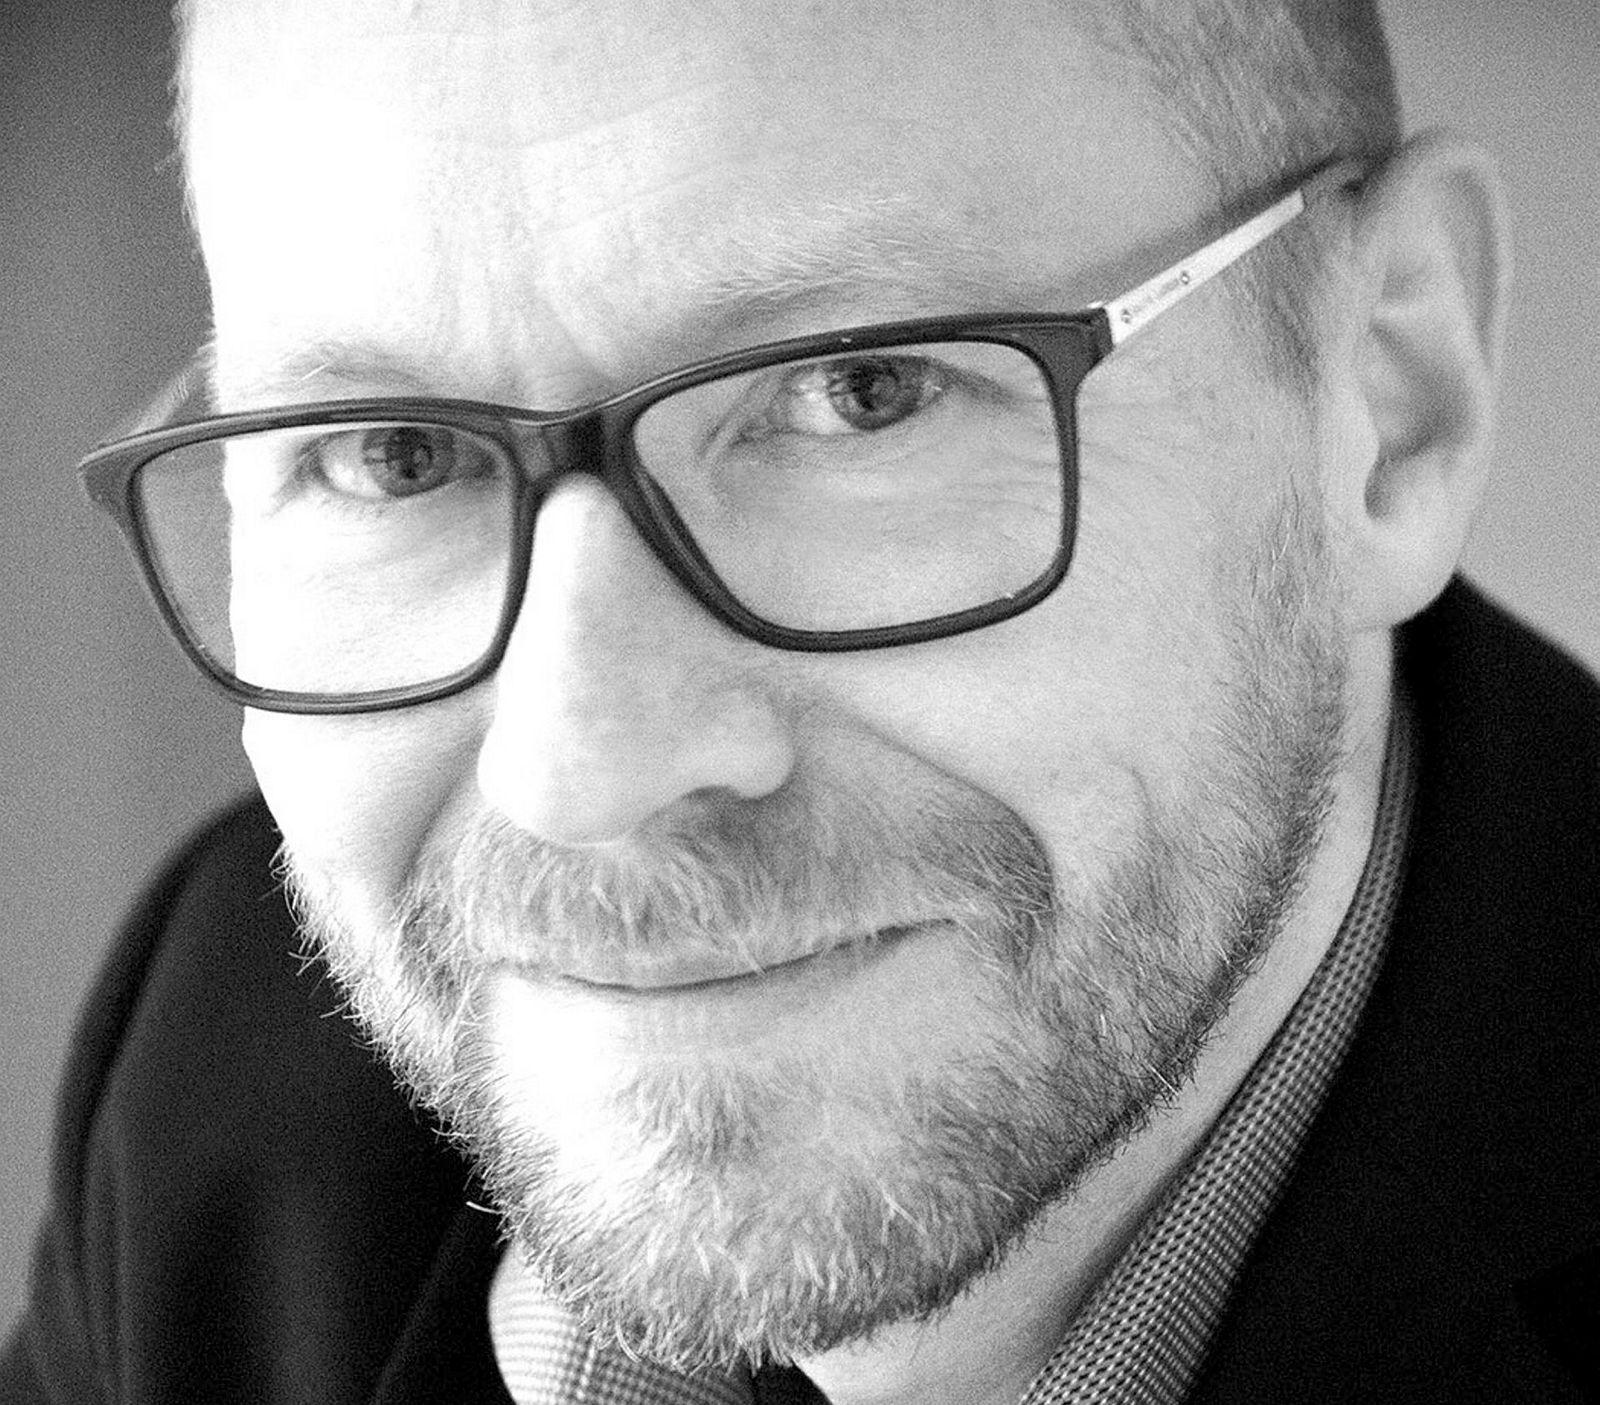 Jon Harald Kaspersen